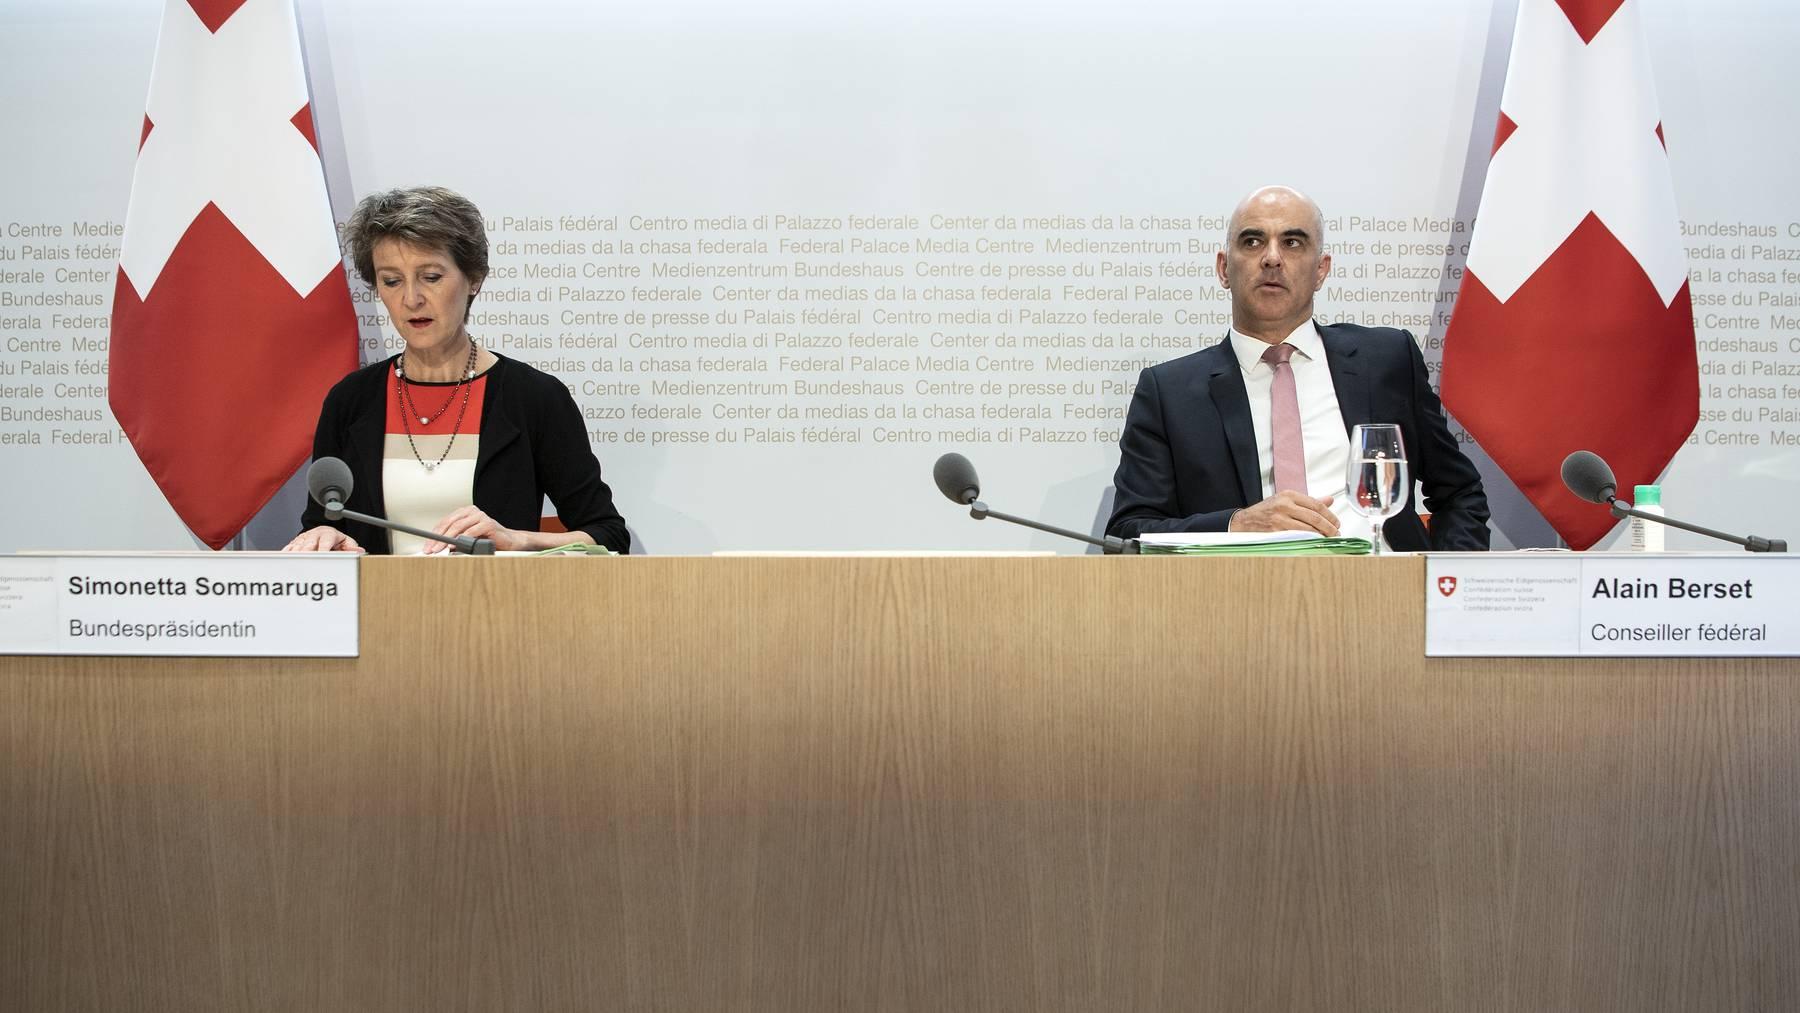 Bundesrat - KEYSTONE Peter Schneider